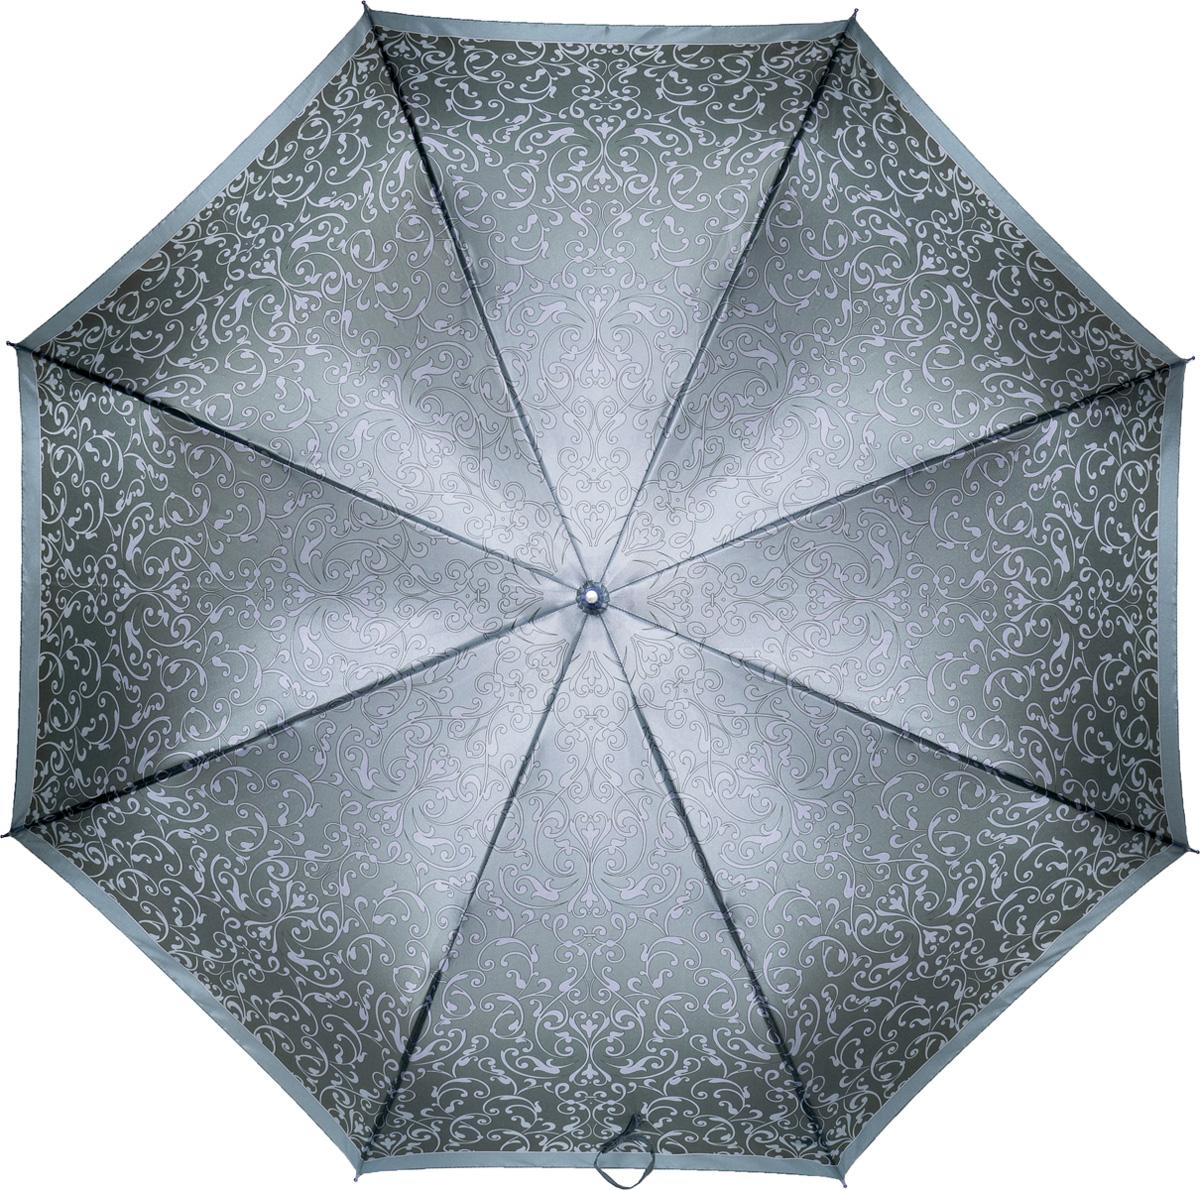 Зонт-трость женский Fabretti, механика, цвет: серый. 1603Серьги с подвескамиЖенский зонт-трость от итальянского бренда Fabretti. Конструкция модели - механика. Эксклюзивный дизайнерский принт зонта сделает вас неотразимыми в любую непогоду! Материал купола – полиэстер. Он невероятно изящен, приятен на ощупь, обладает высокой прочностью, а также устойчив к выцветанию. Эргономичная ручка сделана из высококачественного пластика!